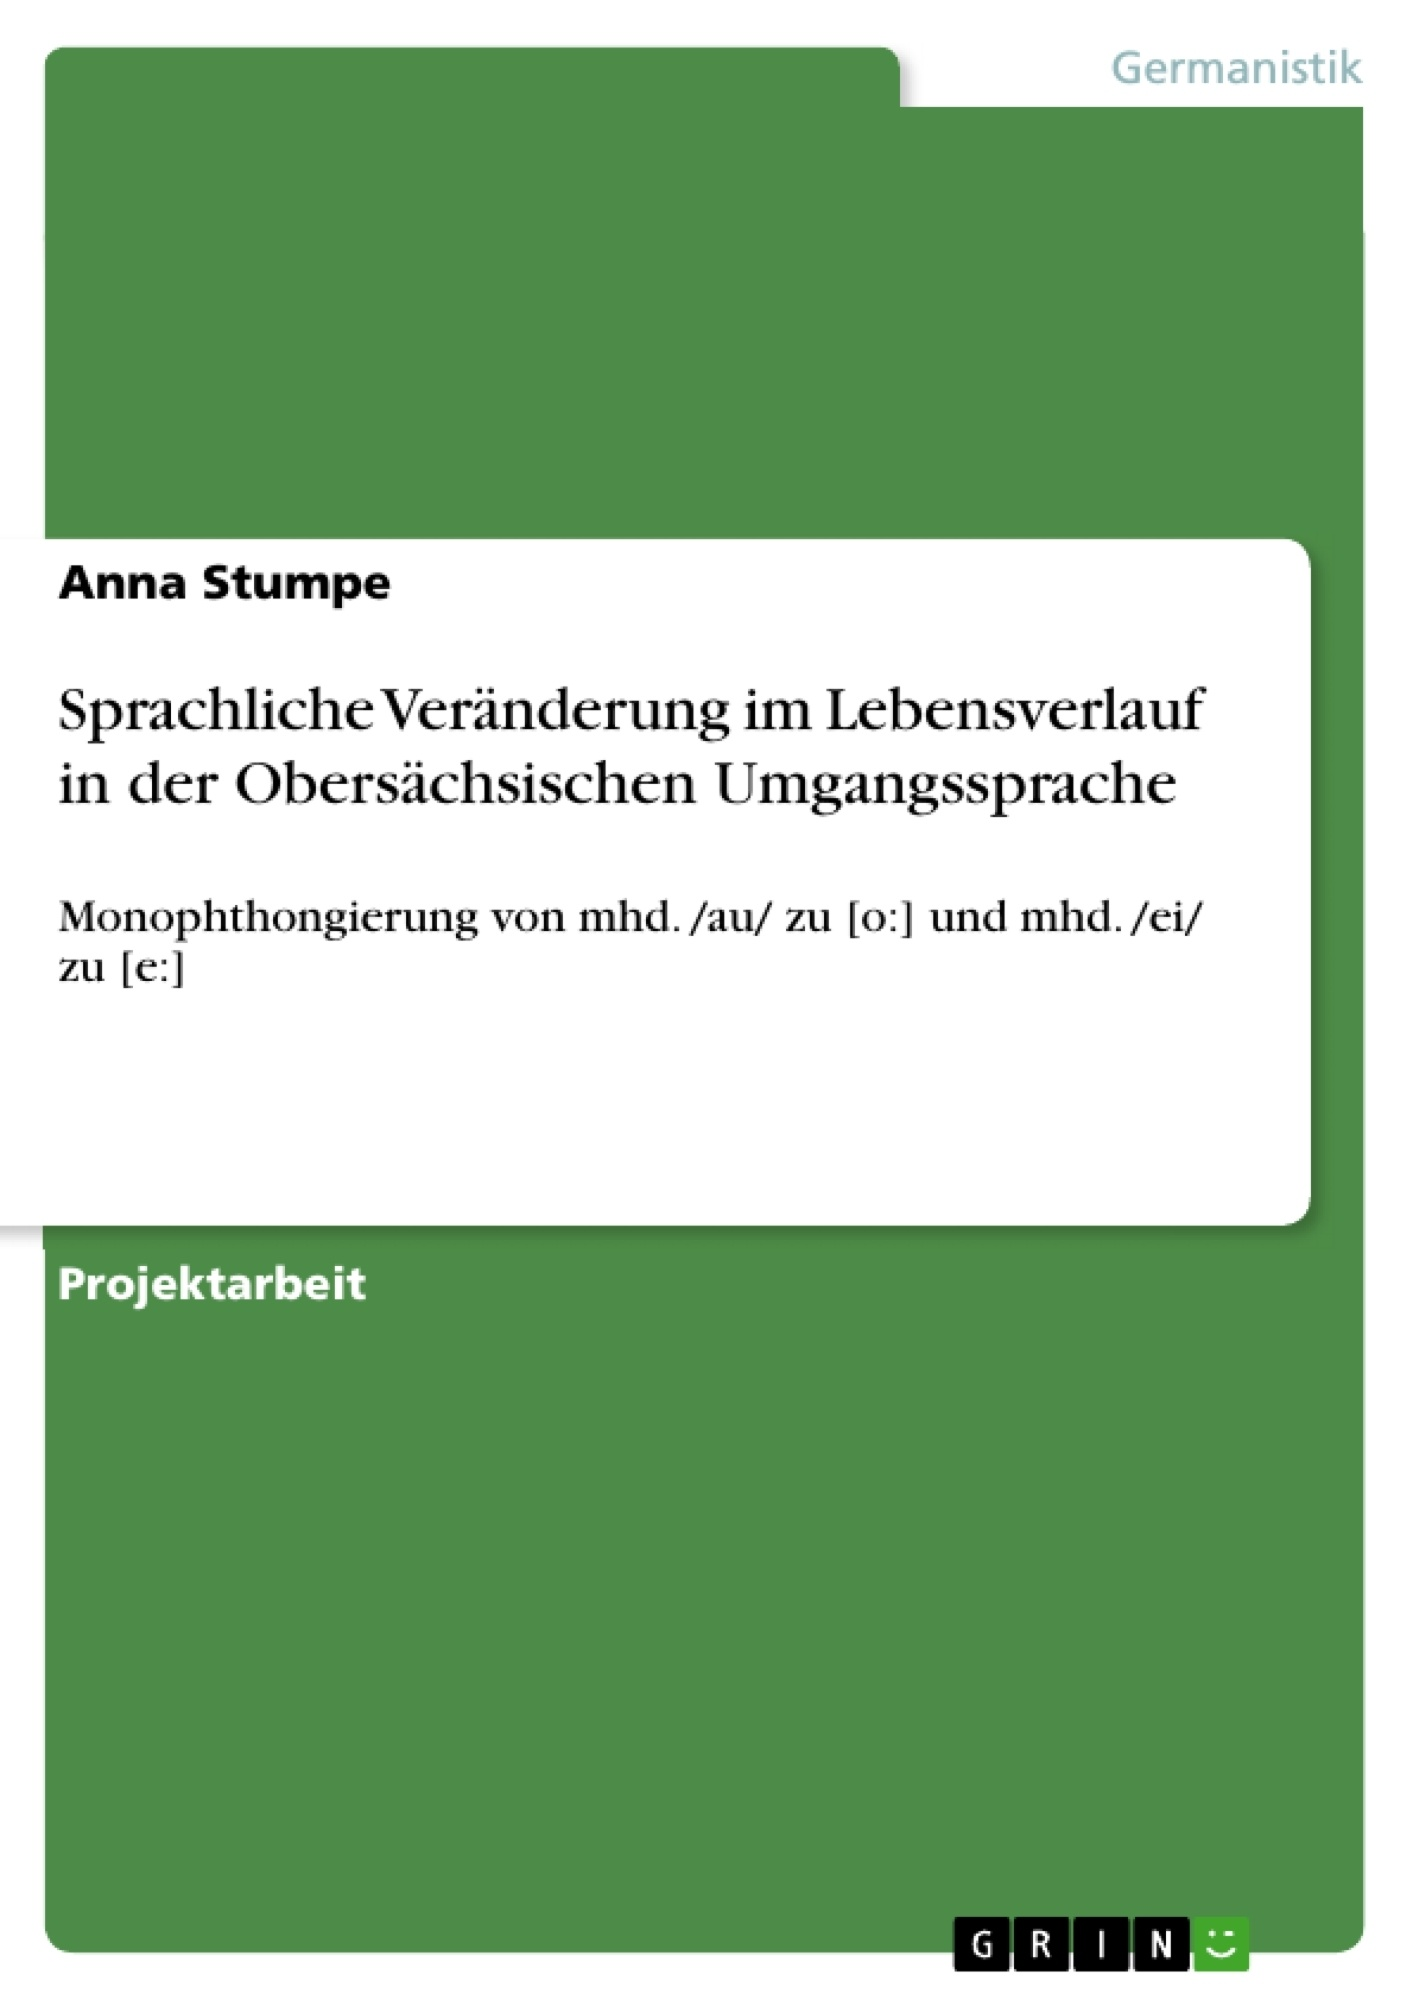 Titel: Sprachliche Veränderung im Lebensverlauf in der Obersächsischen Umgangssprache